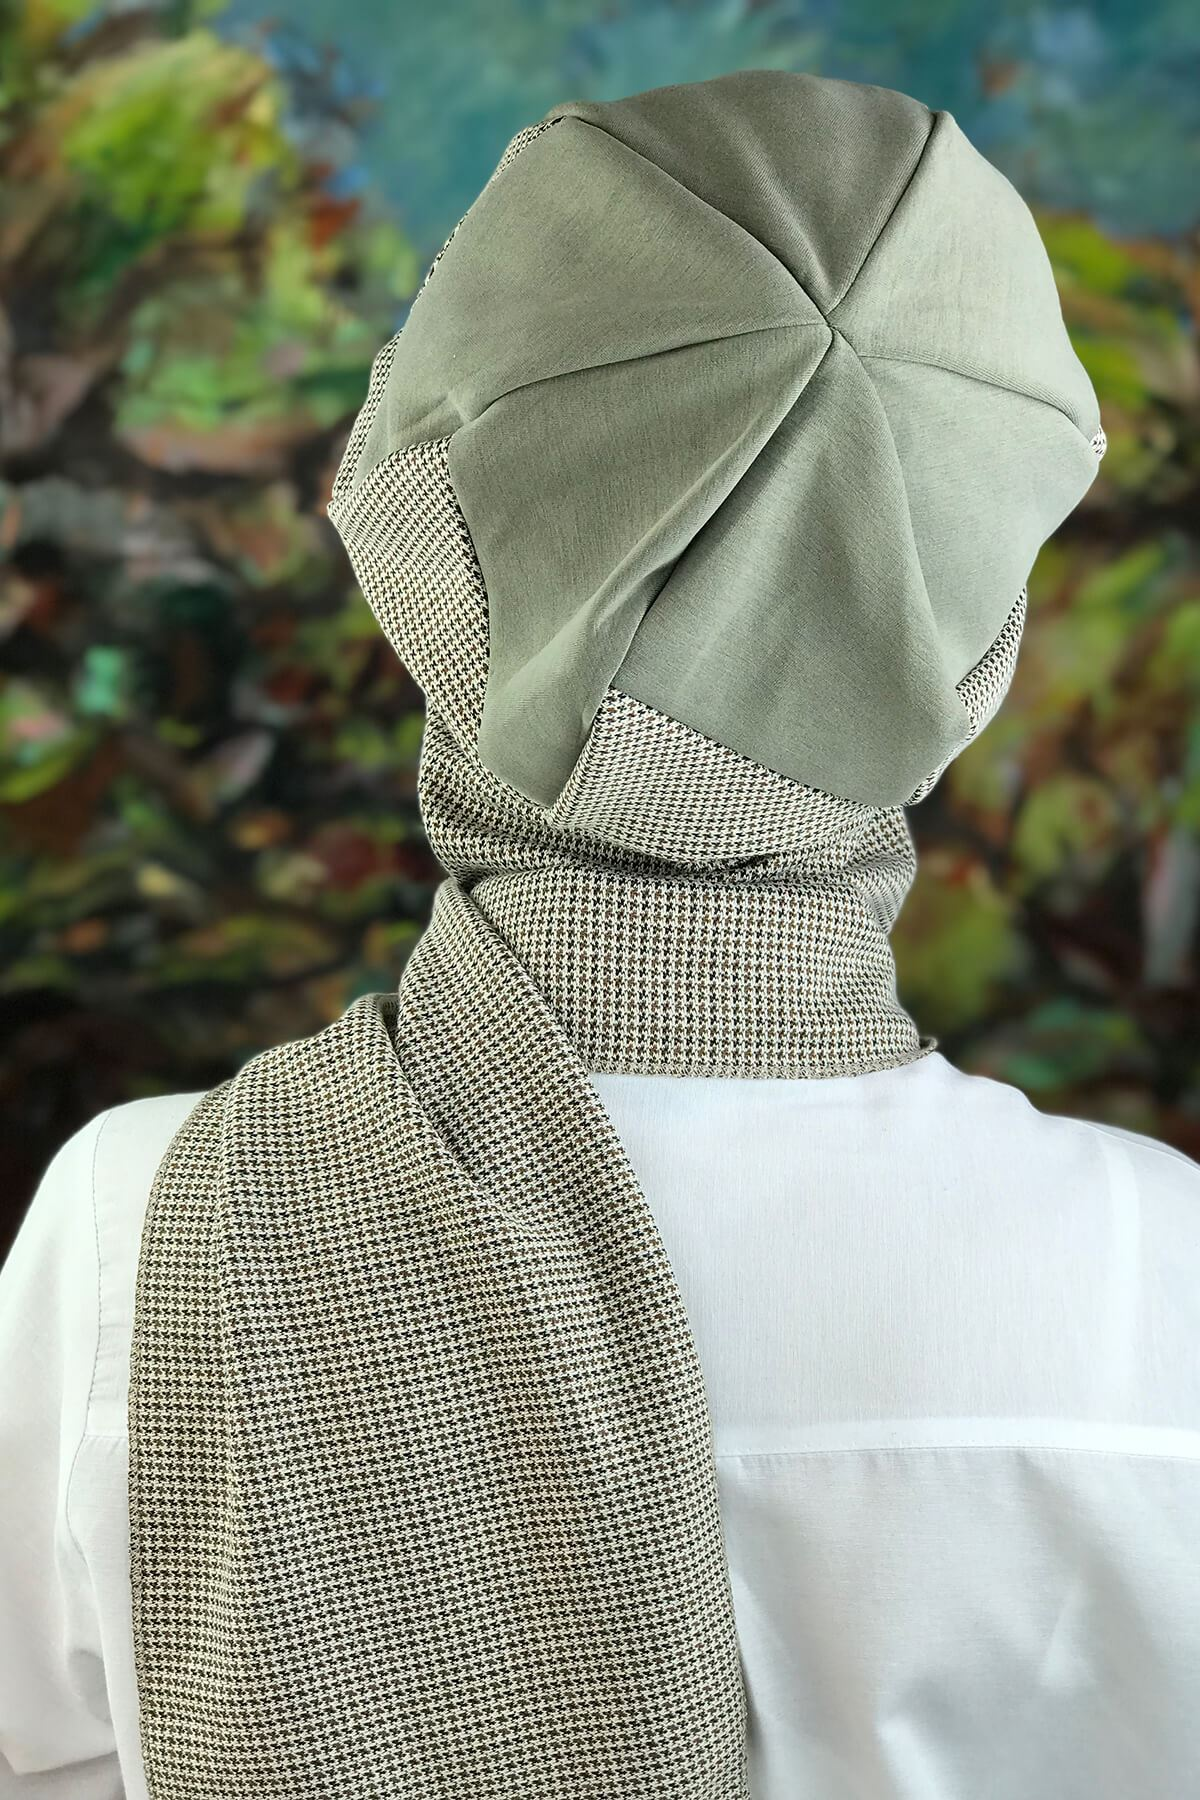 Çağla Yeşili Desenli  Tesettür Şapka